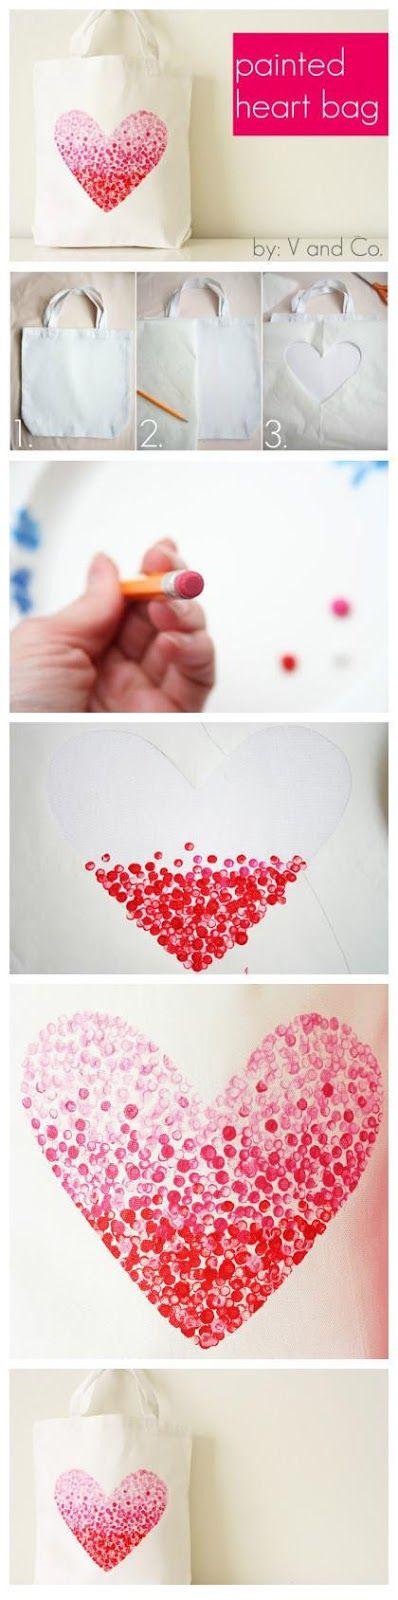 cuore con gomma matita